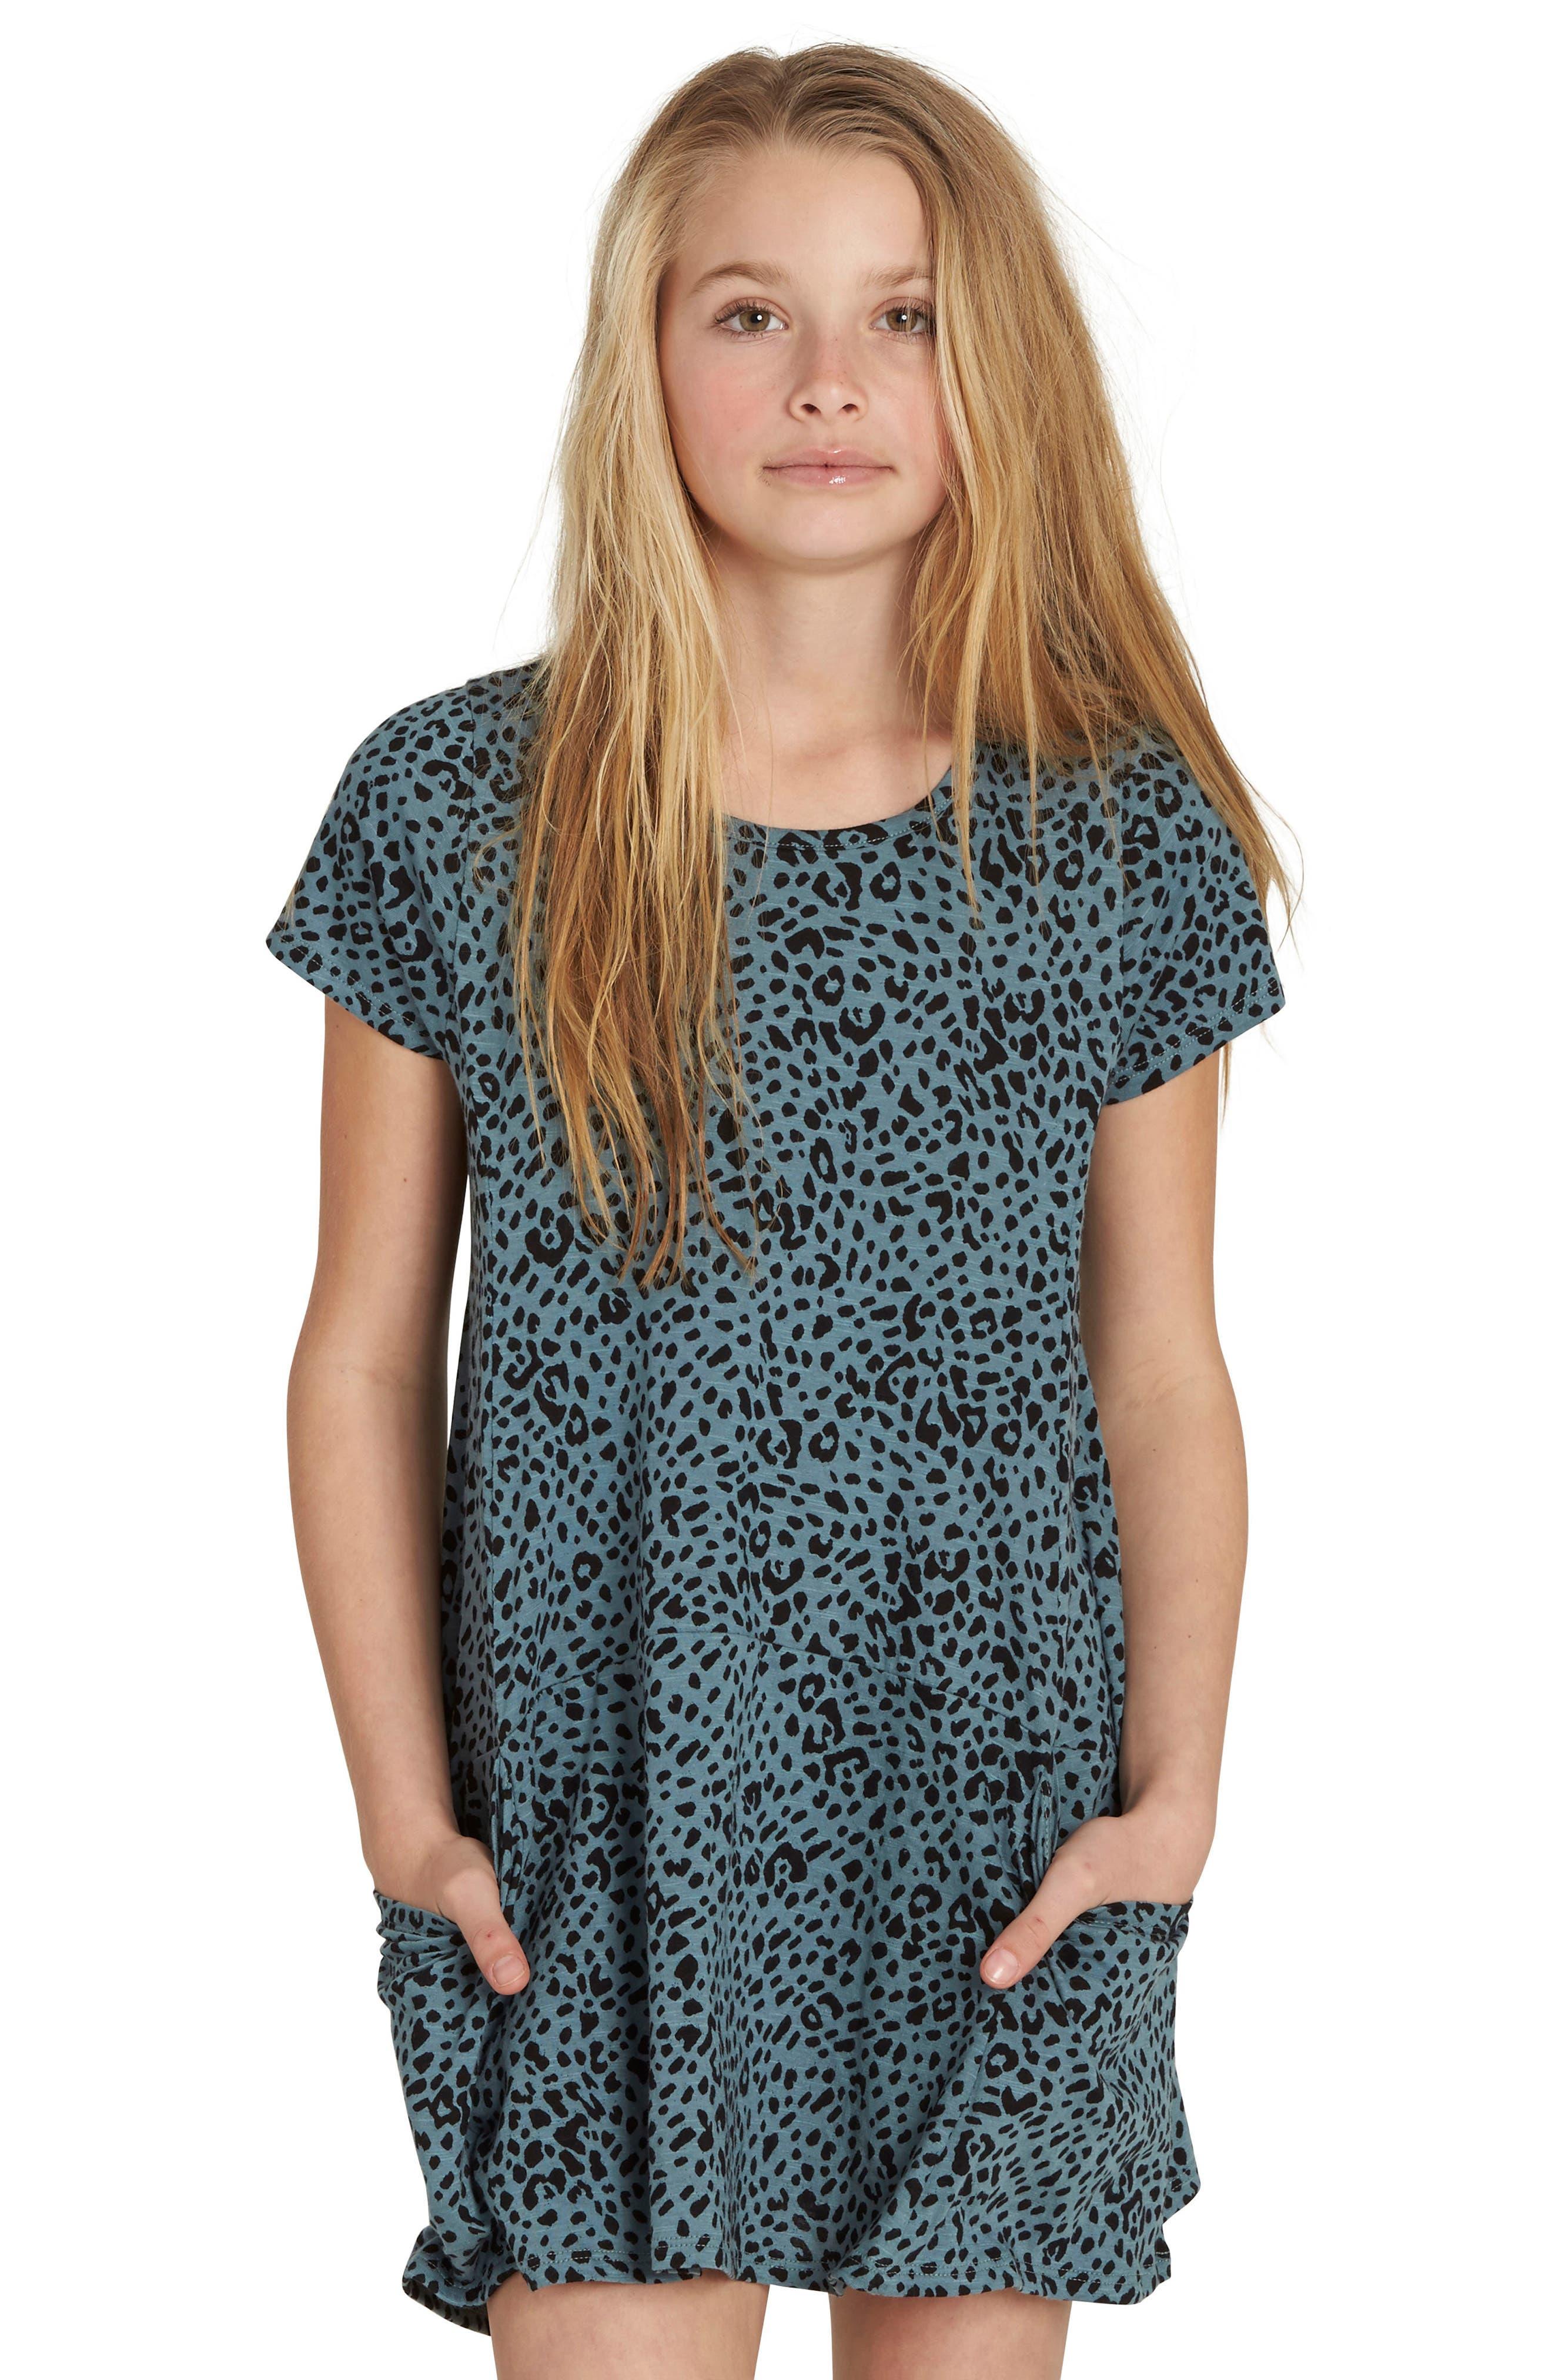 Main Image - Billabong Told You T-Shirt Dress (Little Girls & Big Girls)